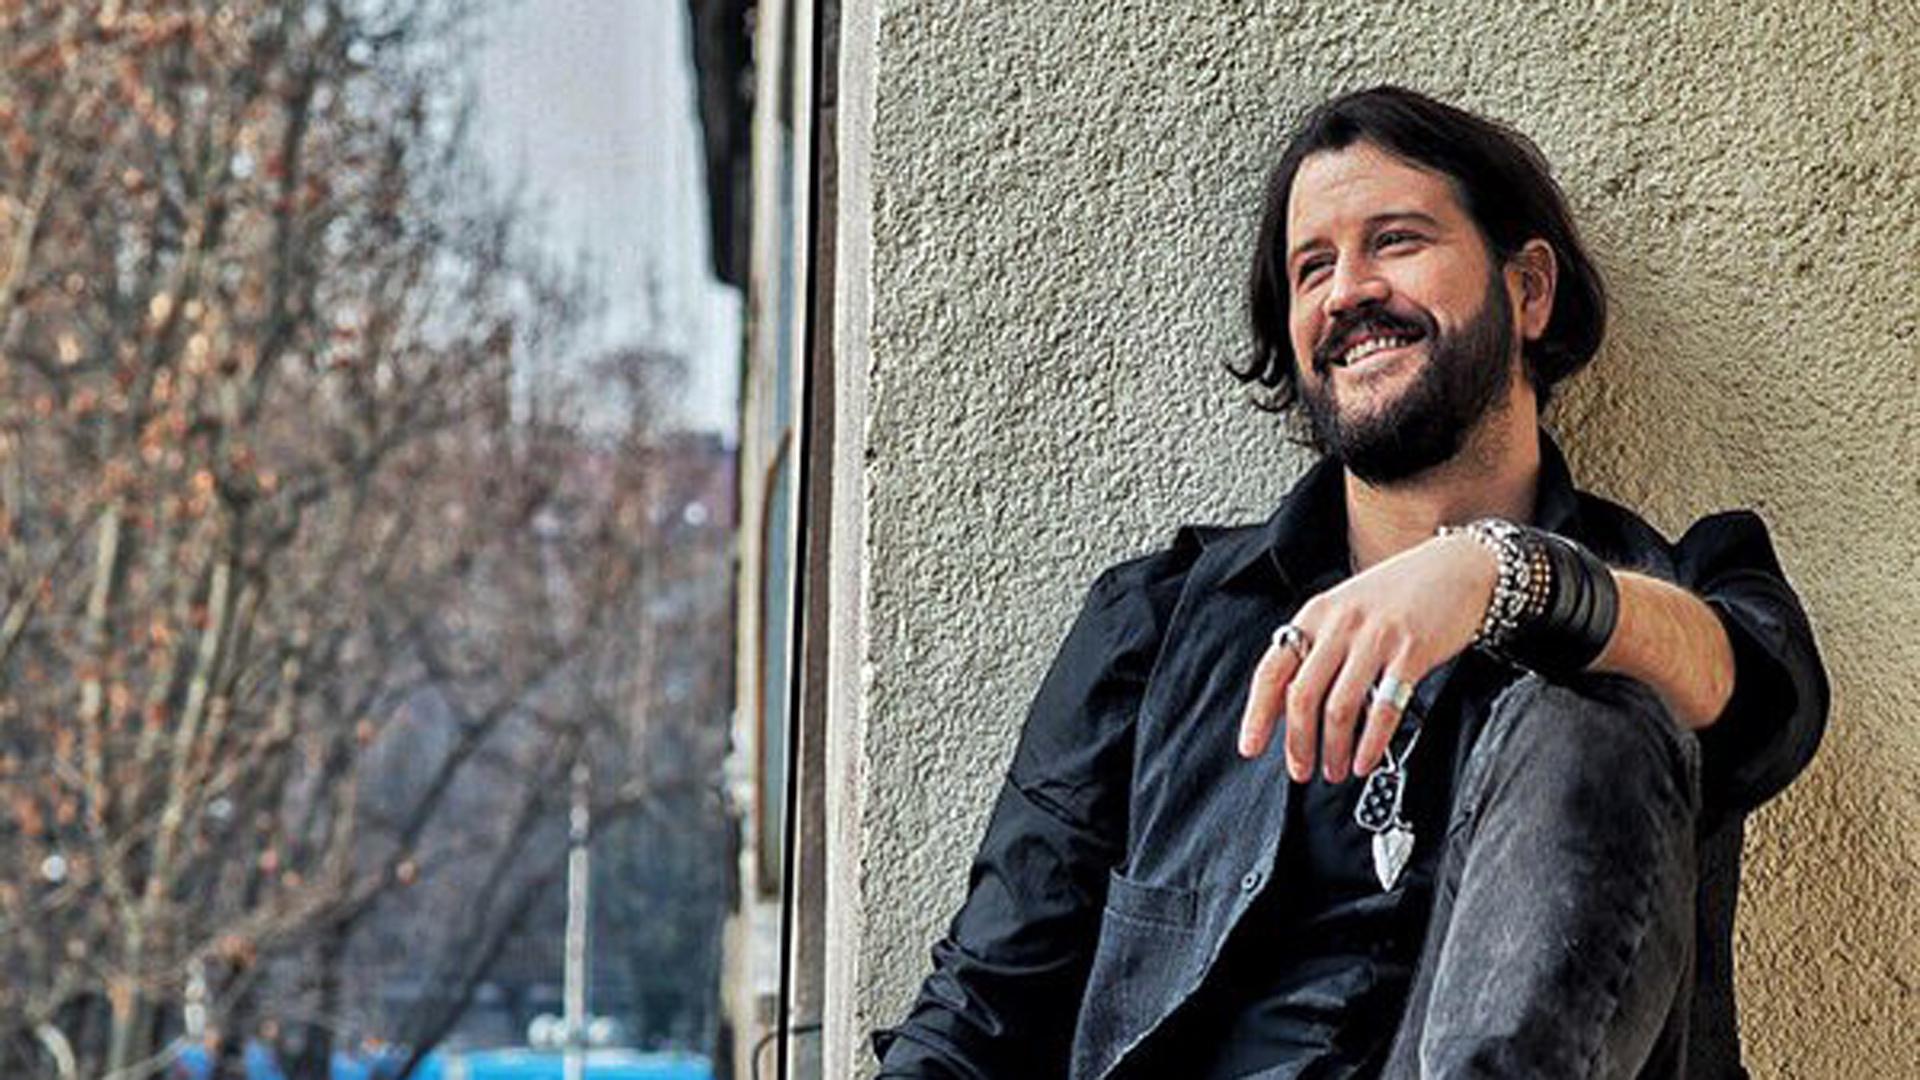 Stefan Kapicic Background